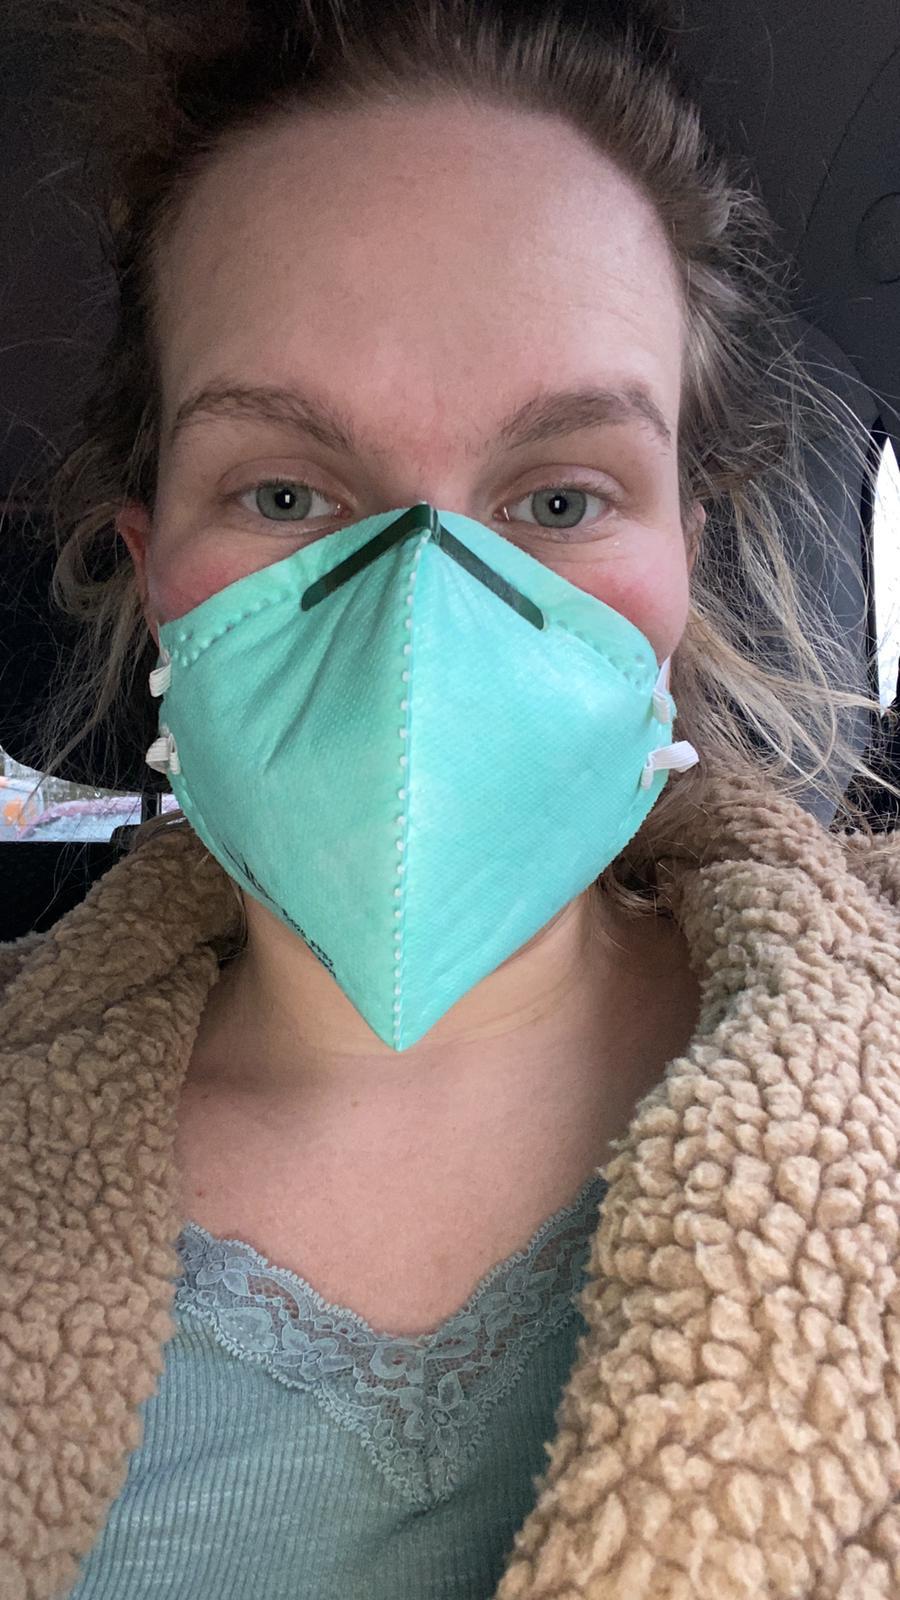 Coronavirus - COVID-19 besmetting - gevolgen en risico's van deze ziekte interview